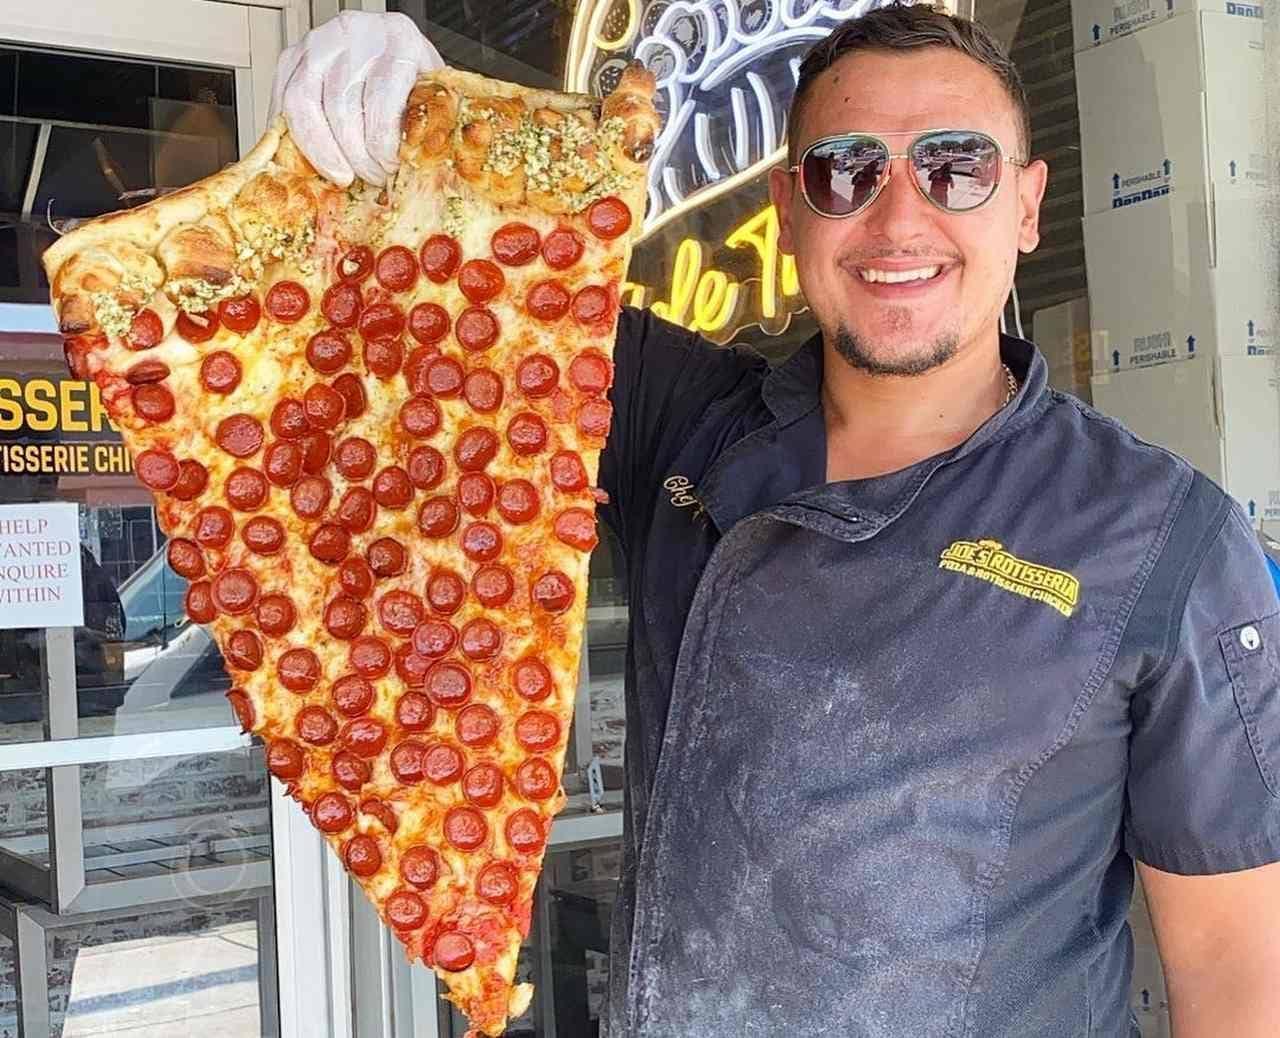 ピザが好き!ペパロニはもっと好き?ジョーズ・ロティセリアの「メガ・スライス」